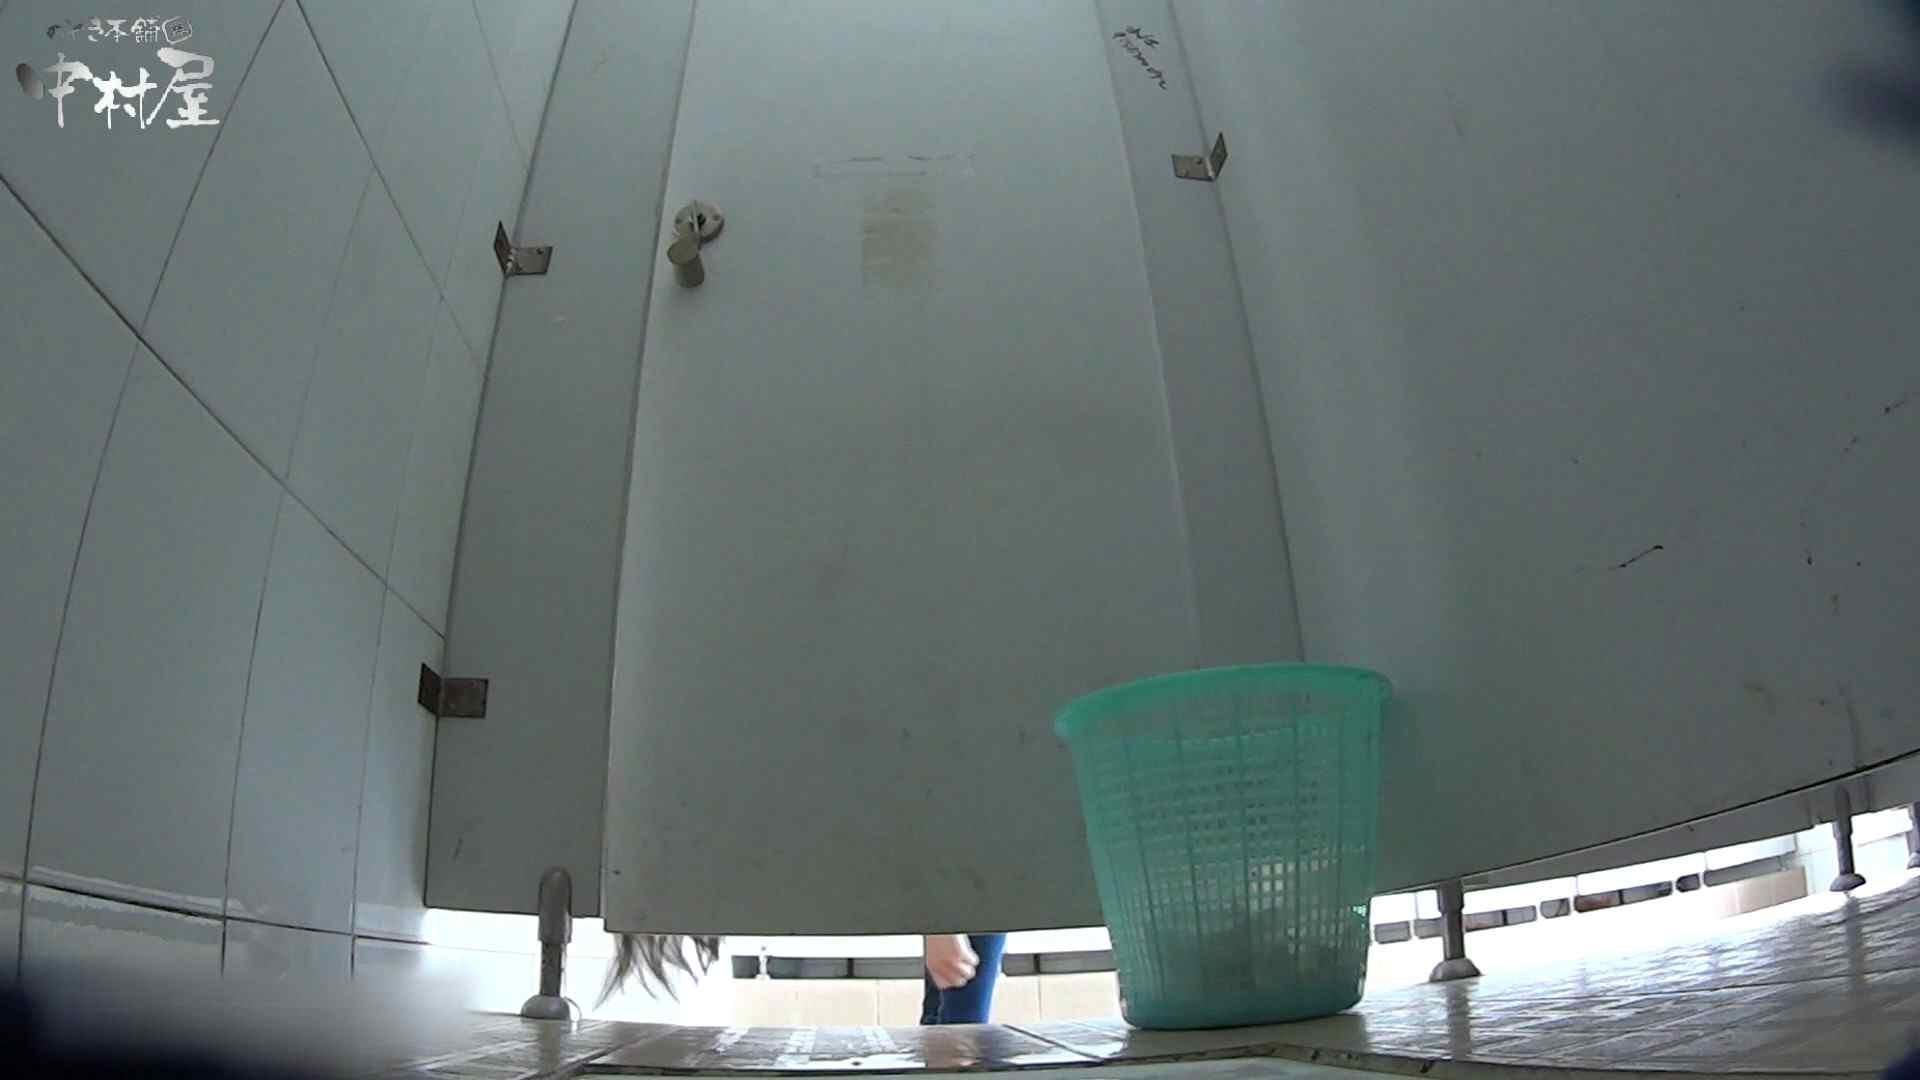 美しい女良たちのトイレ事情 有名大学休憩時間の洗面所事情06 盗撮  110画像 42